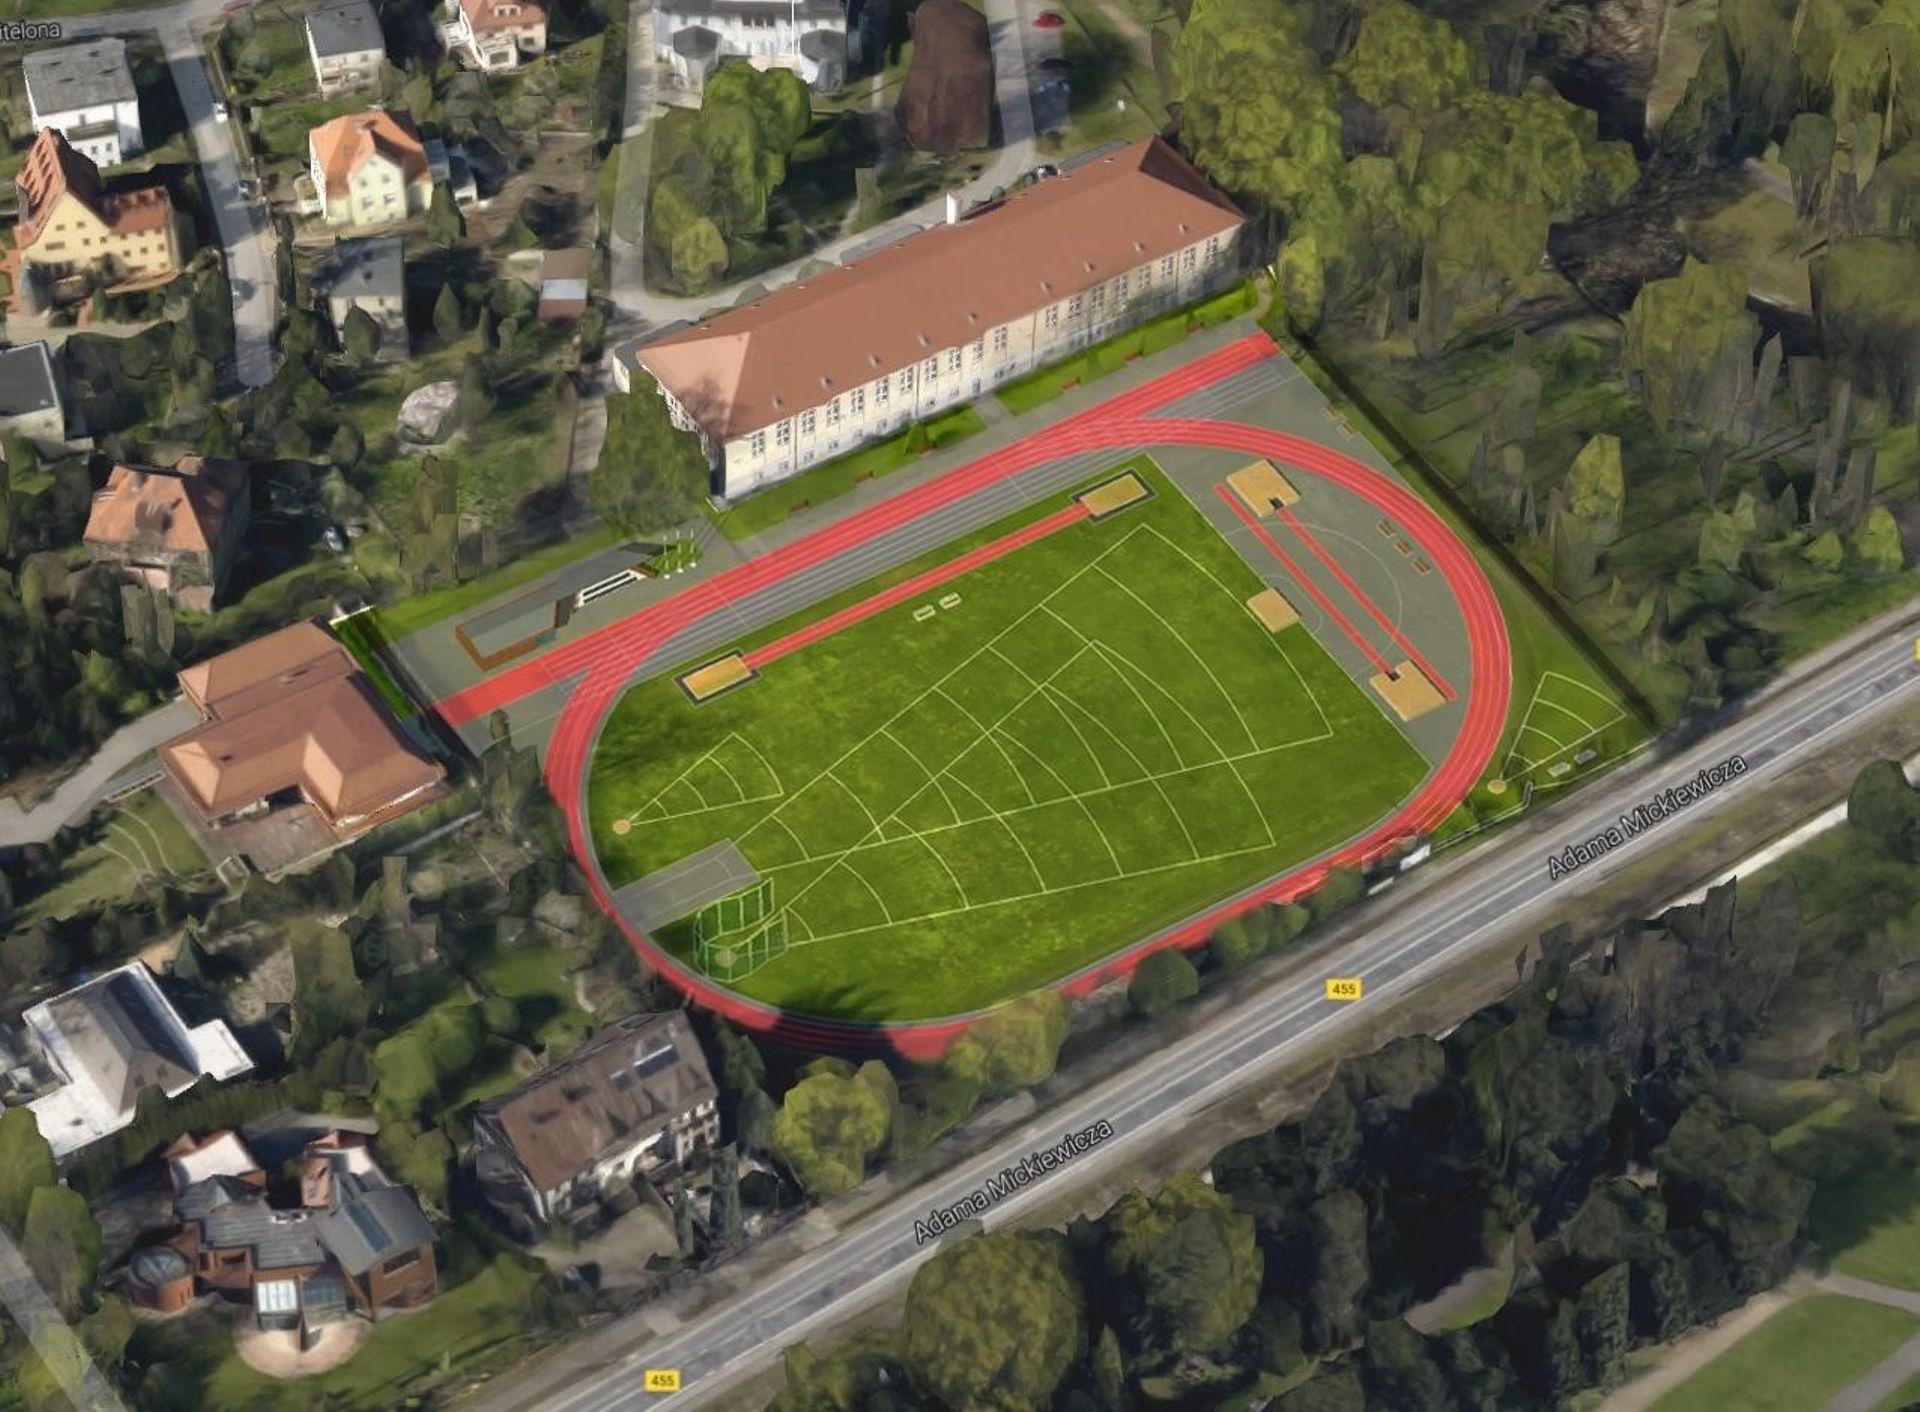 AWF Wrocław za ponad 8 milionów złotych zmodernizuje stadion lekkoatletyczny przy ulicy Witelona